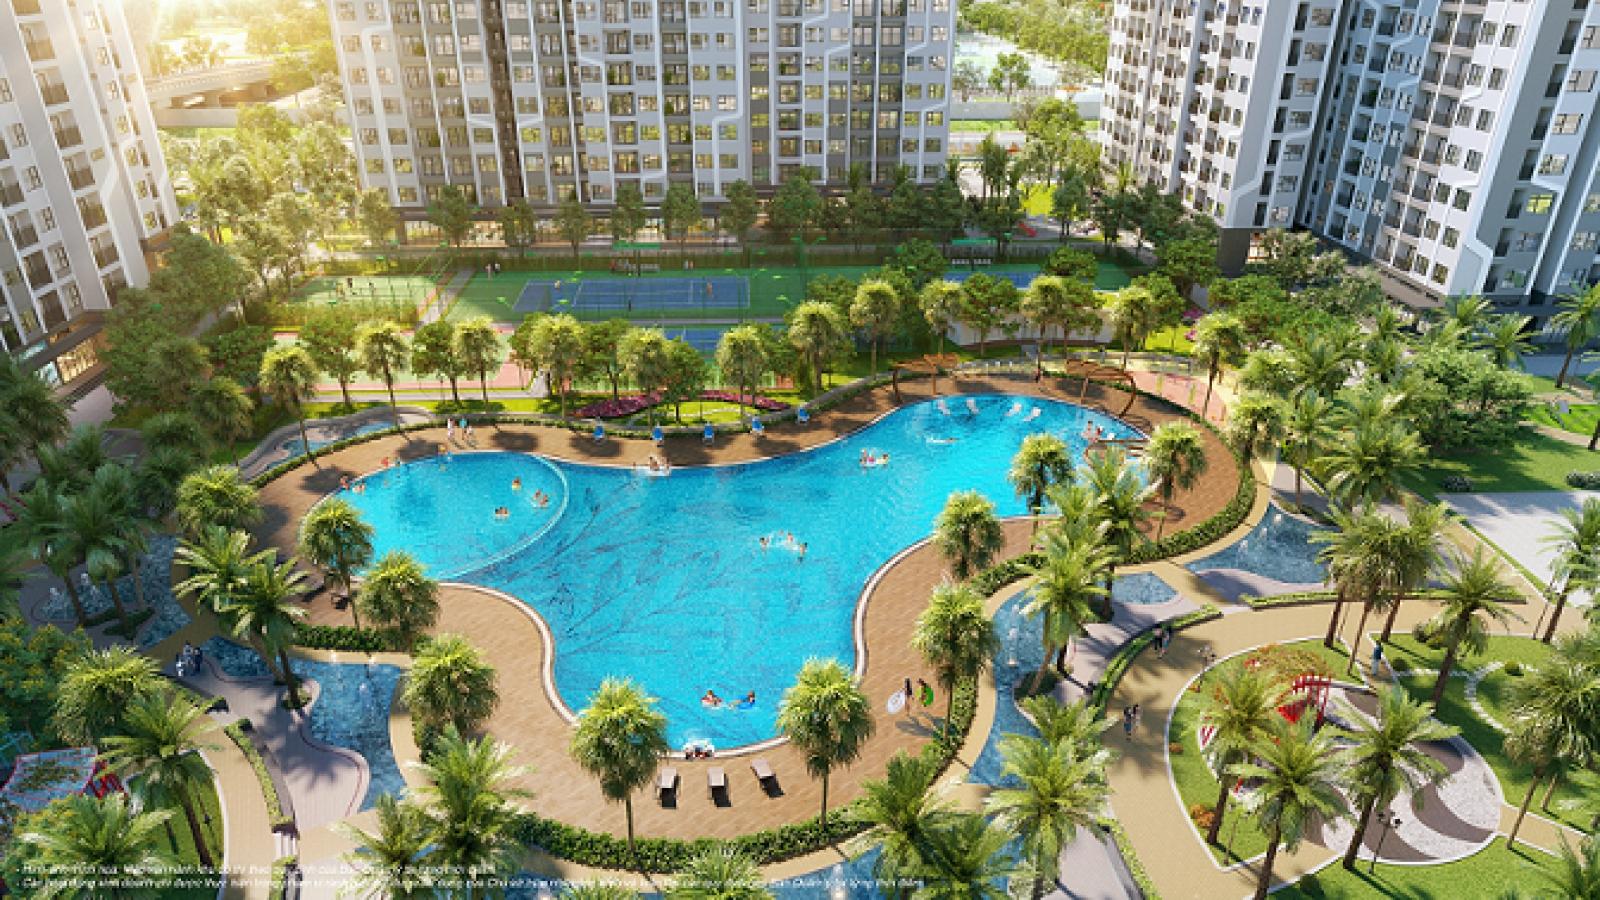 Xiêu lòng trước chuẩn sống đủ đầy và phong cách quốc tế đa dạng của Vinhomes Smart City